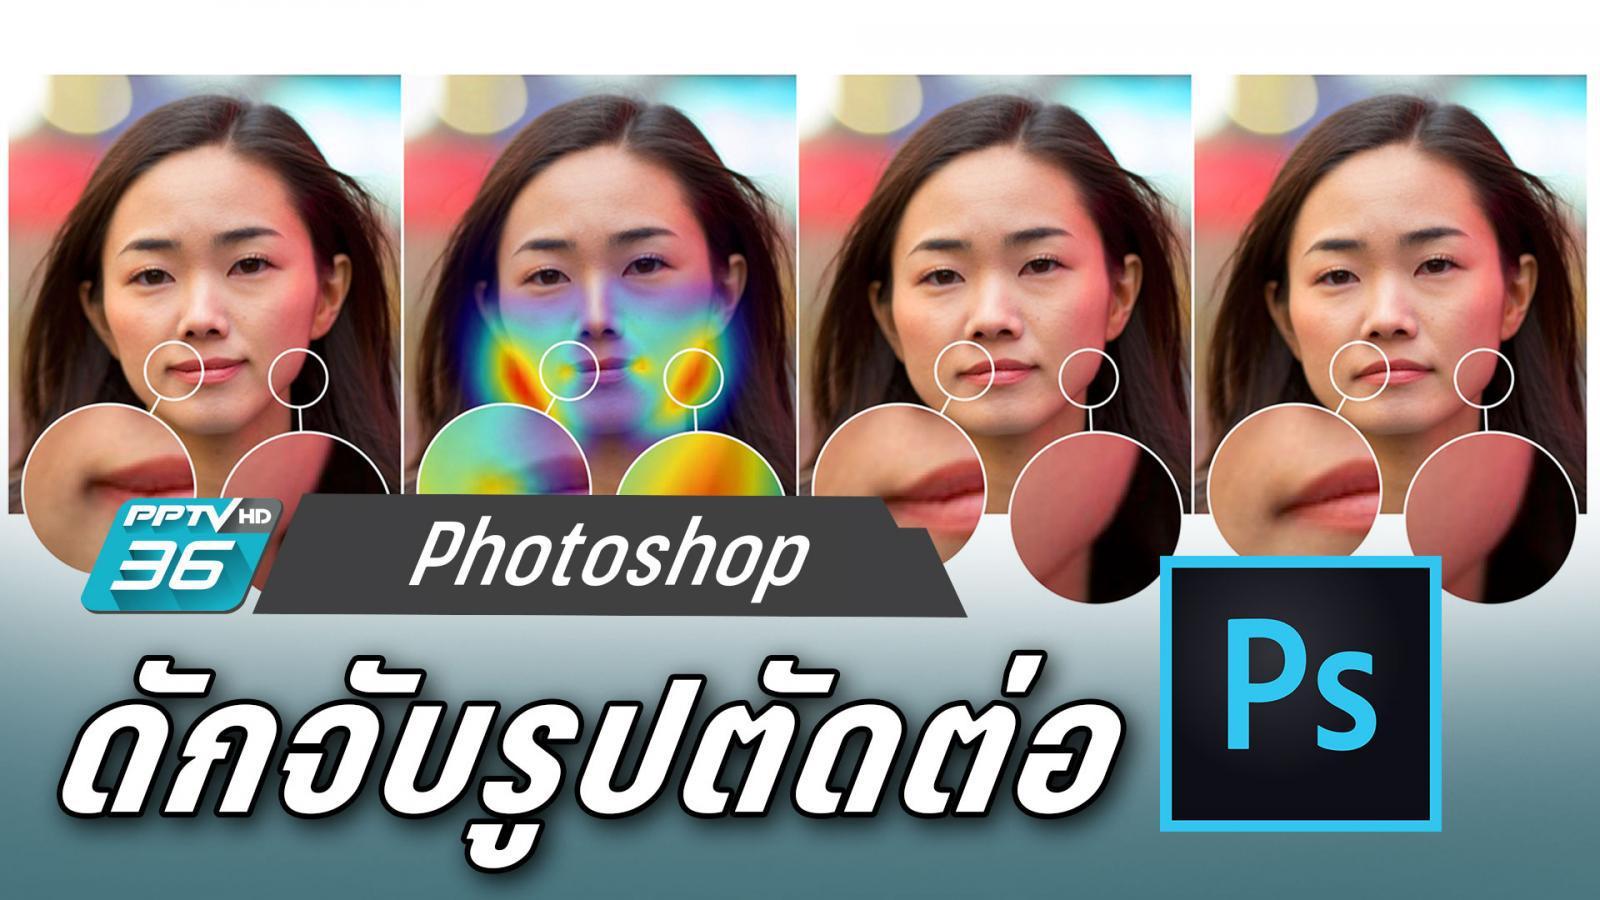 """""""Adobe"""" ผุดเครื่องมือดักจับรูปตัดต่อใน """"Photoshop"""" สู้กระแสข่าวปลอม"""